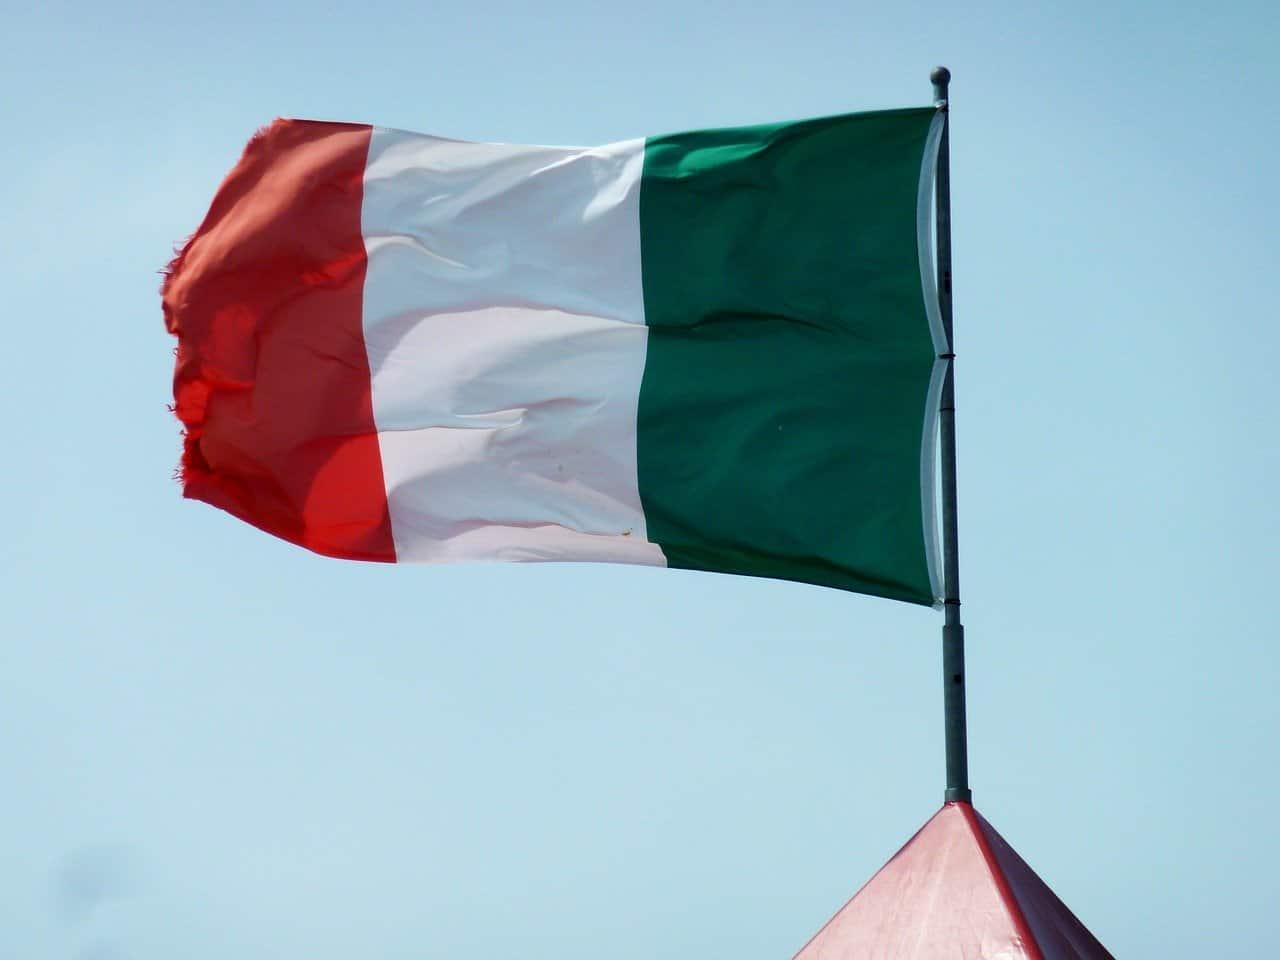 イタリアの国旗は何色?意味やイメージについても解説